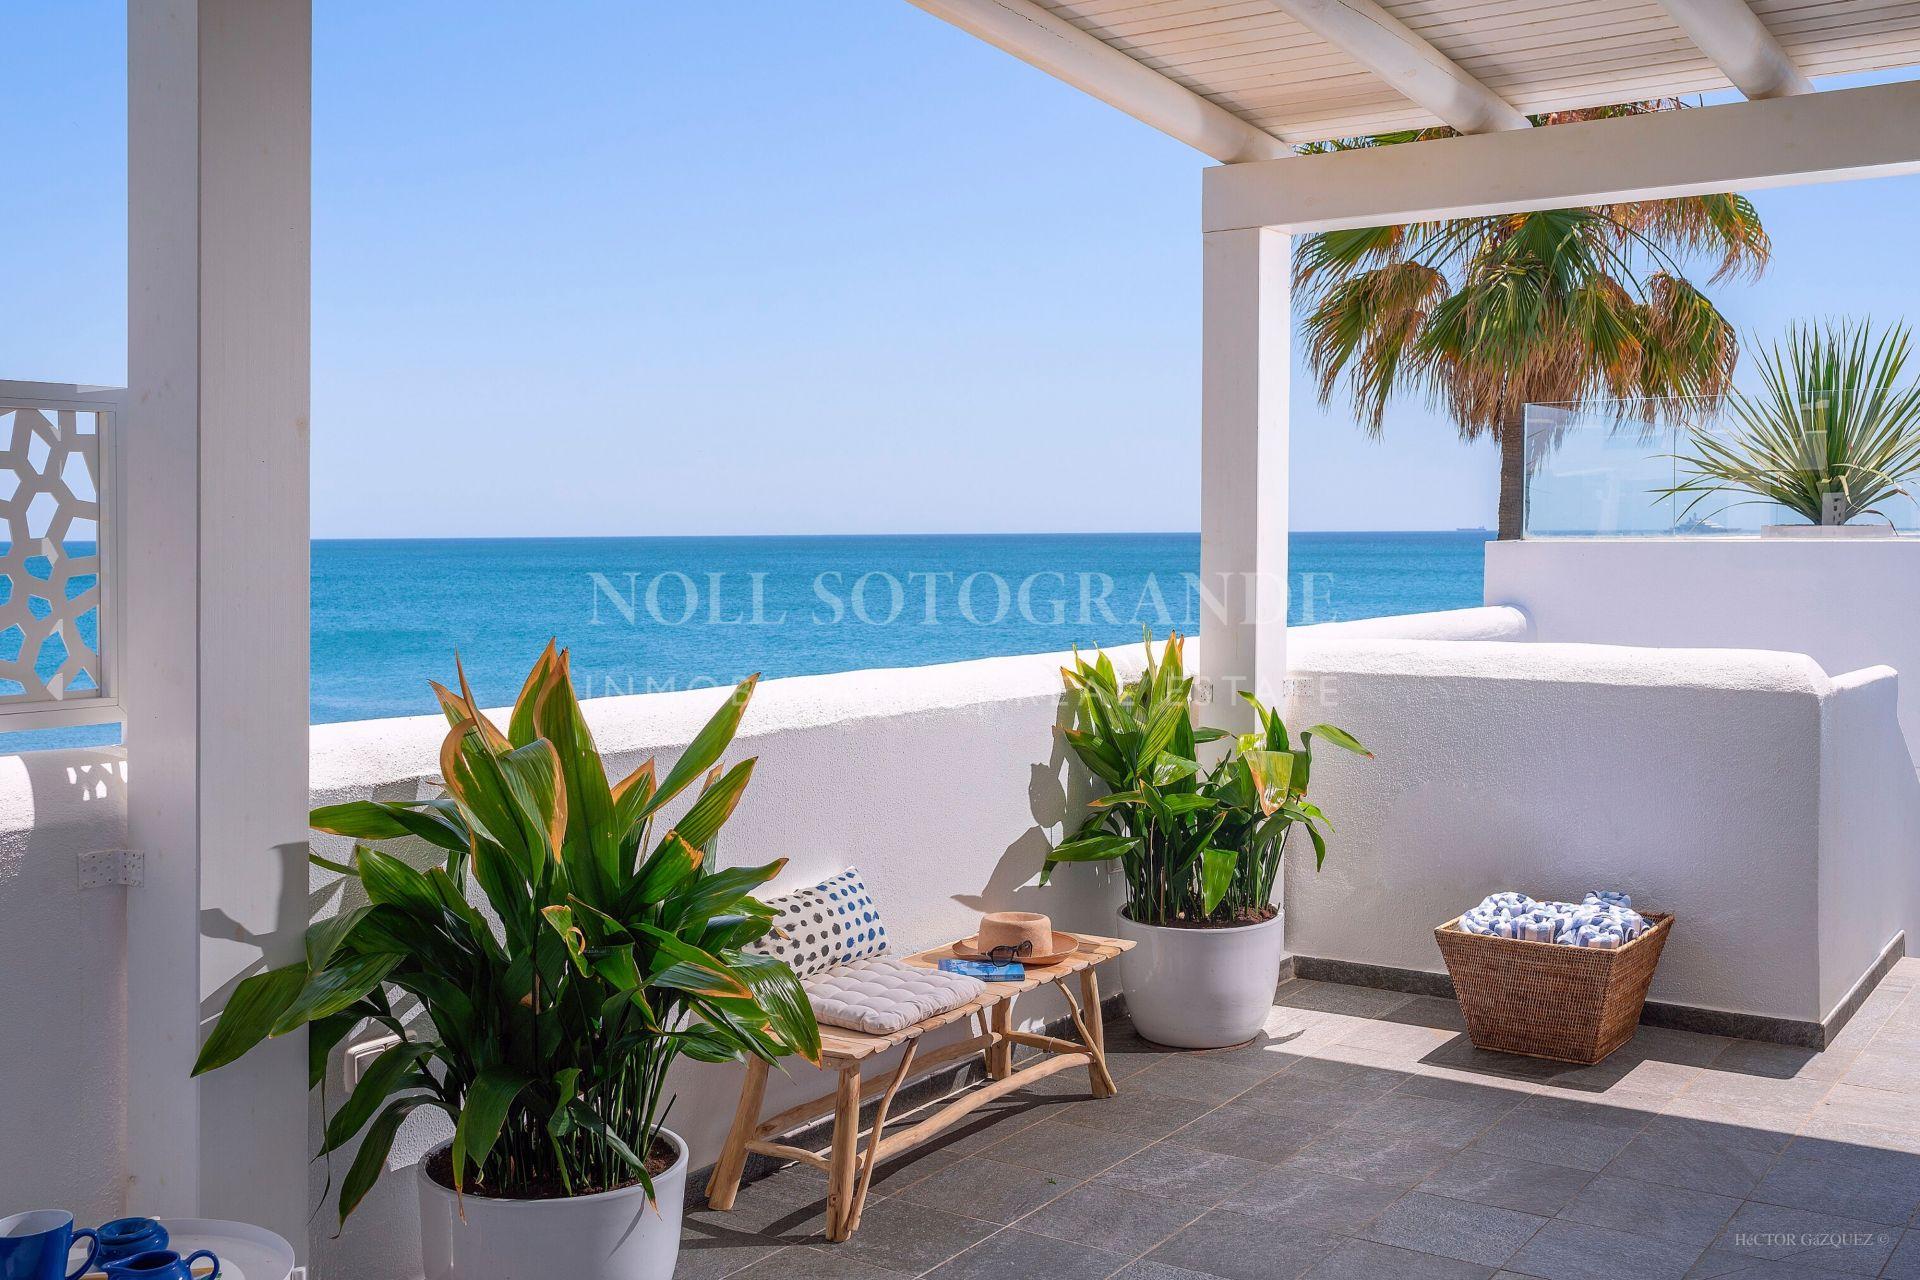 Casa adosada modern en la playa disponible para alquileres a corto plazo durante todo el año